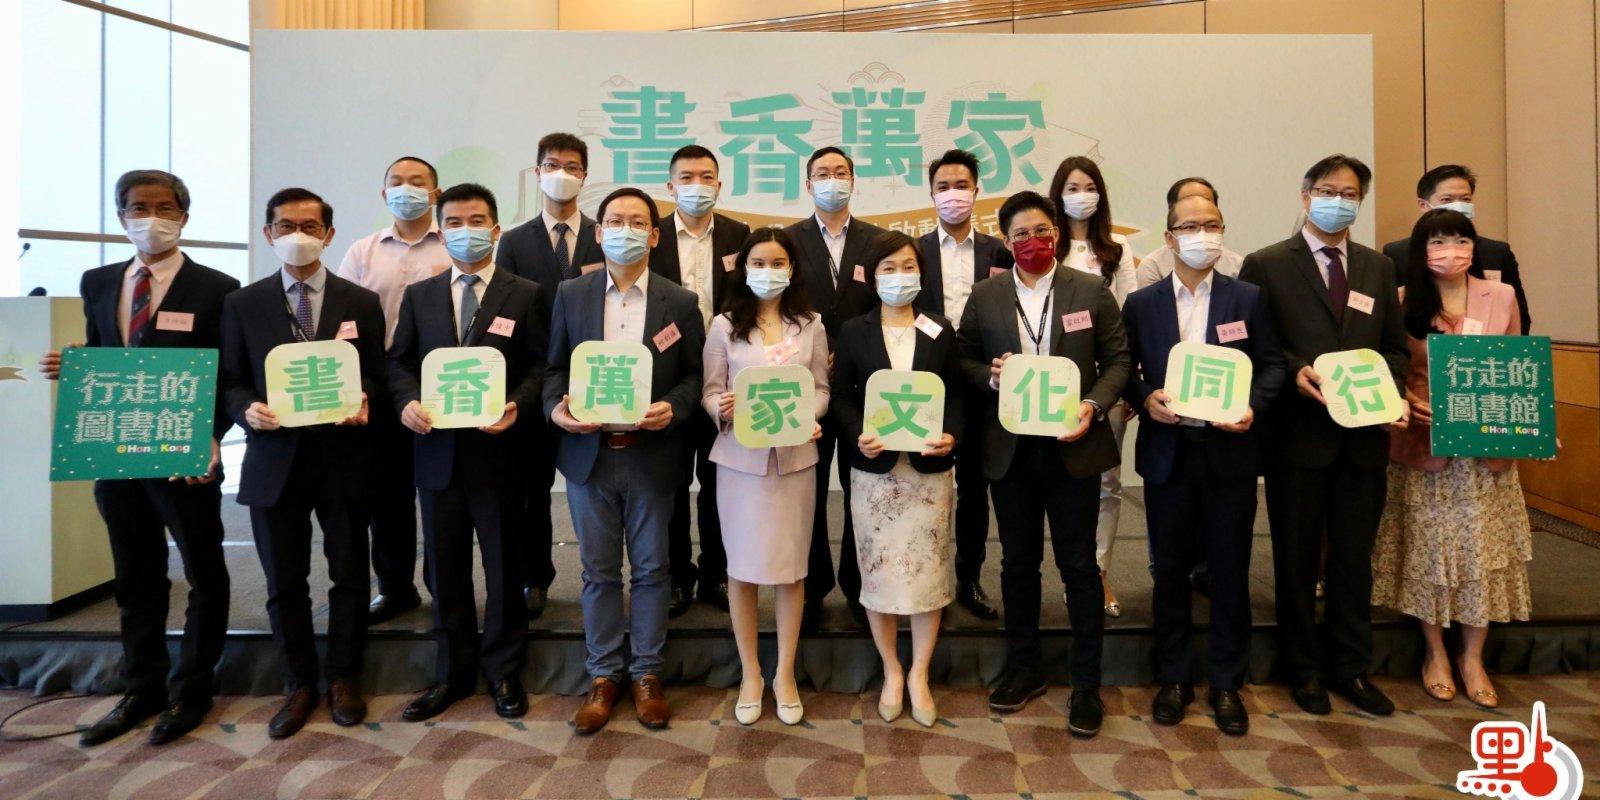 「書香萬家」公益活動傳播中華文化 出版文化界捐萬冊書入社區校園